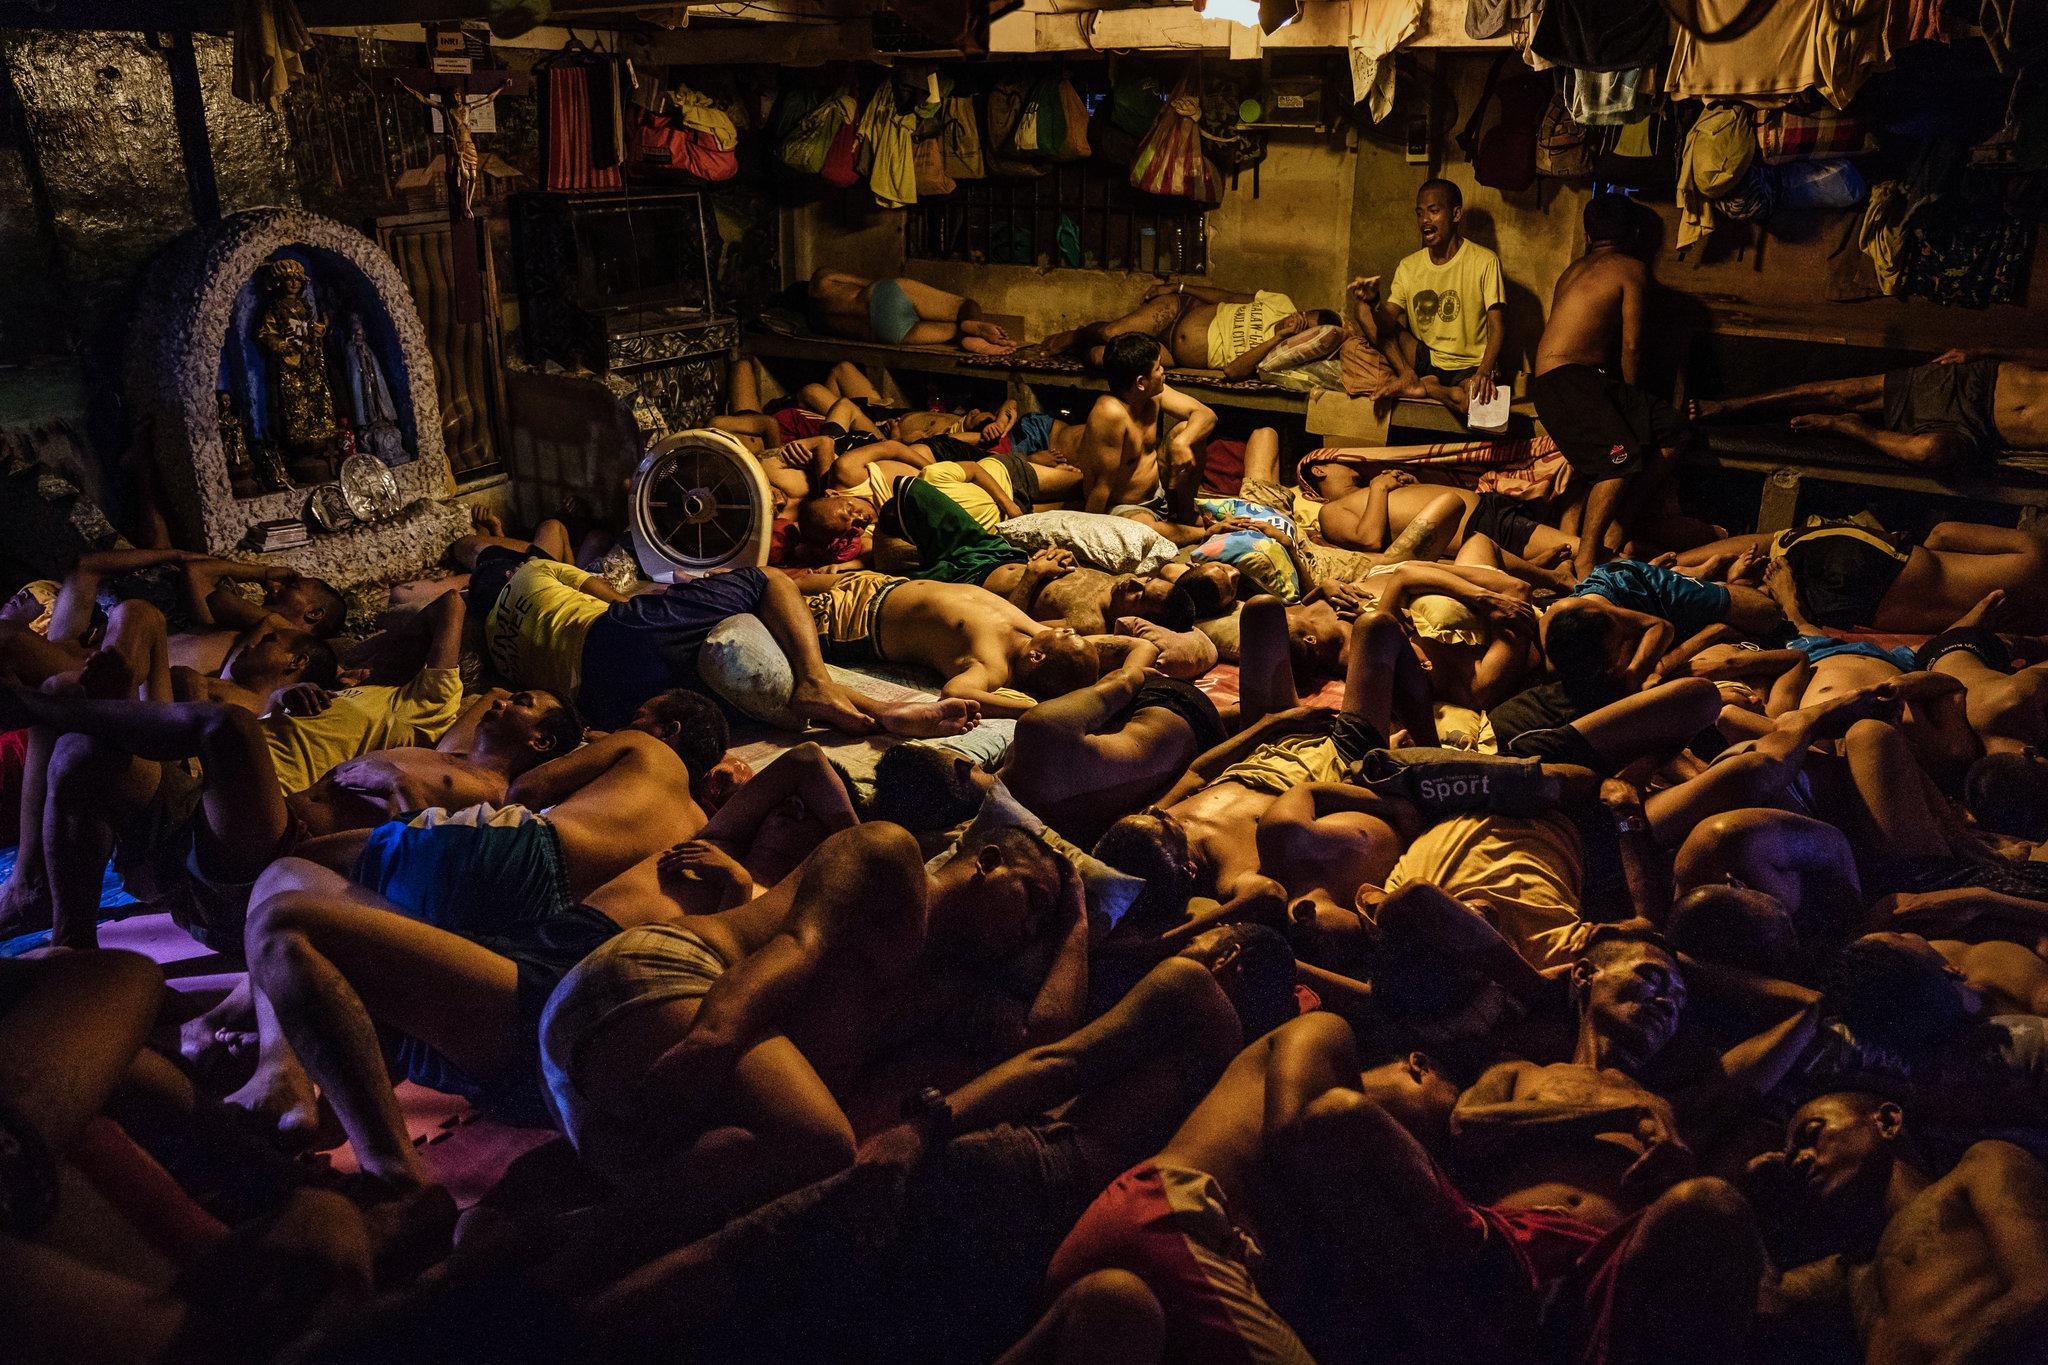 马达加斯加一座监狱内的囚犯(纽约时报)